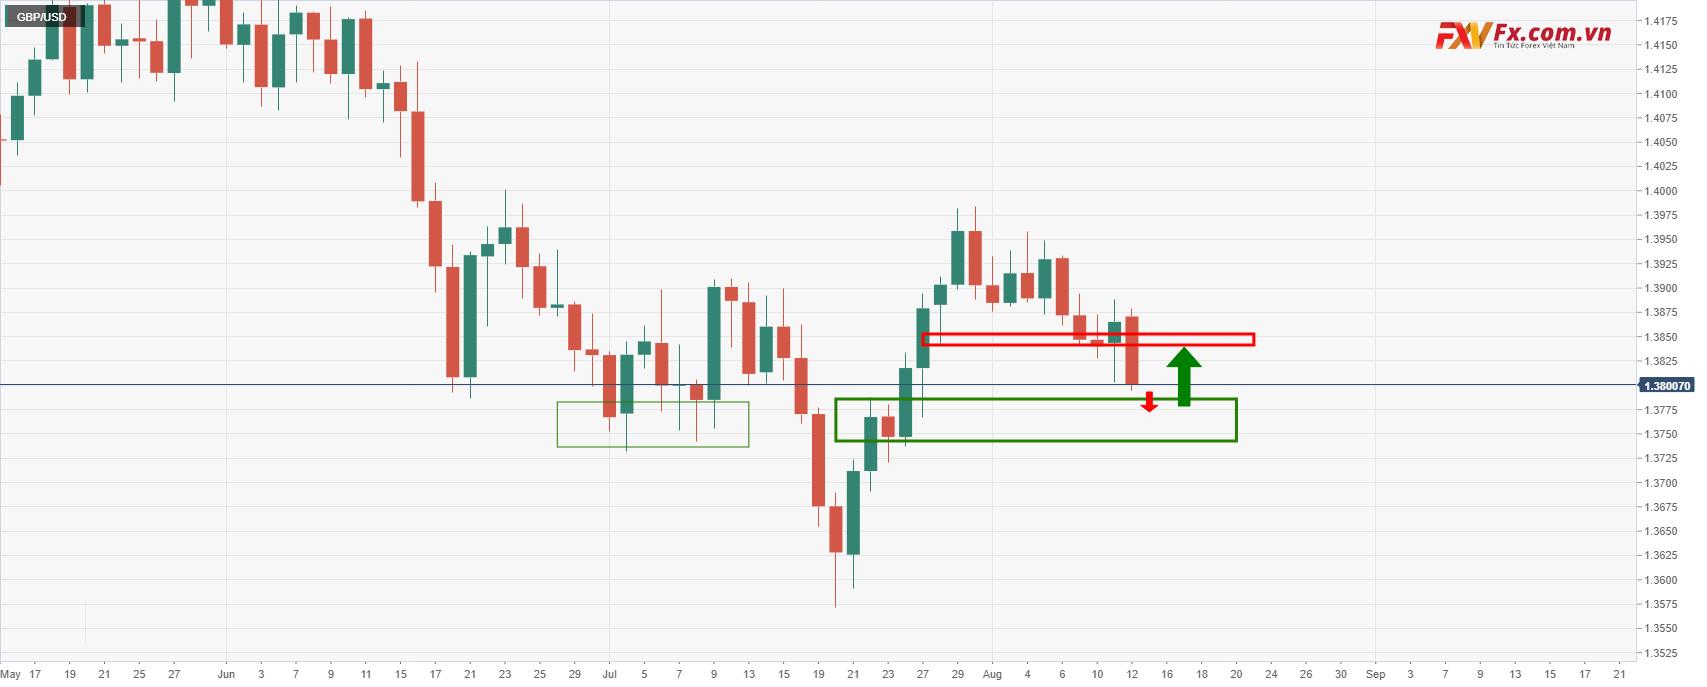 Phân tích kỹ thuật GBP/USD